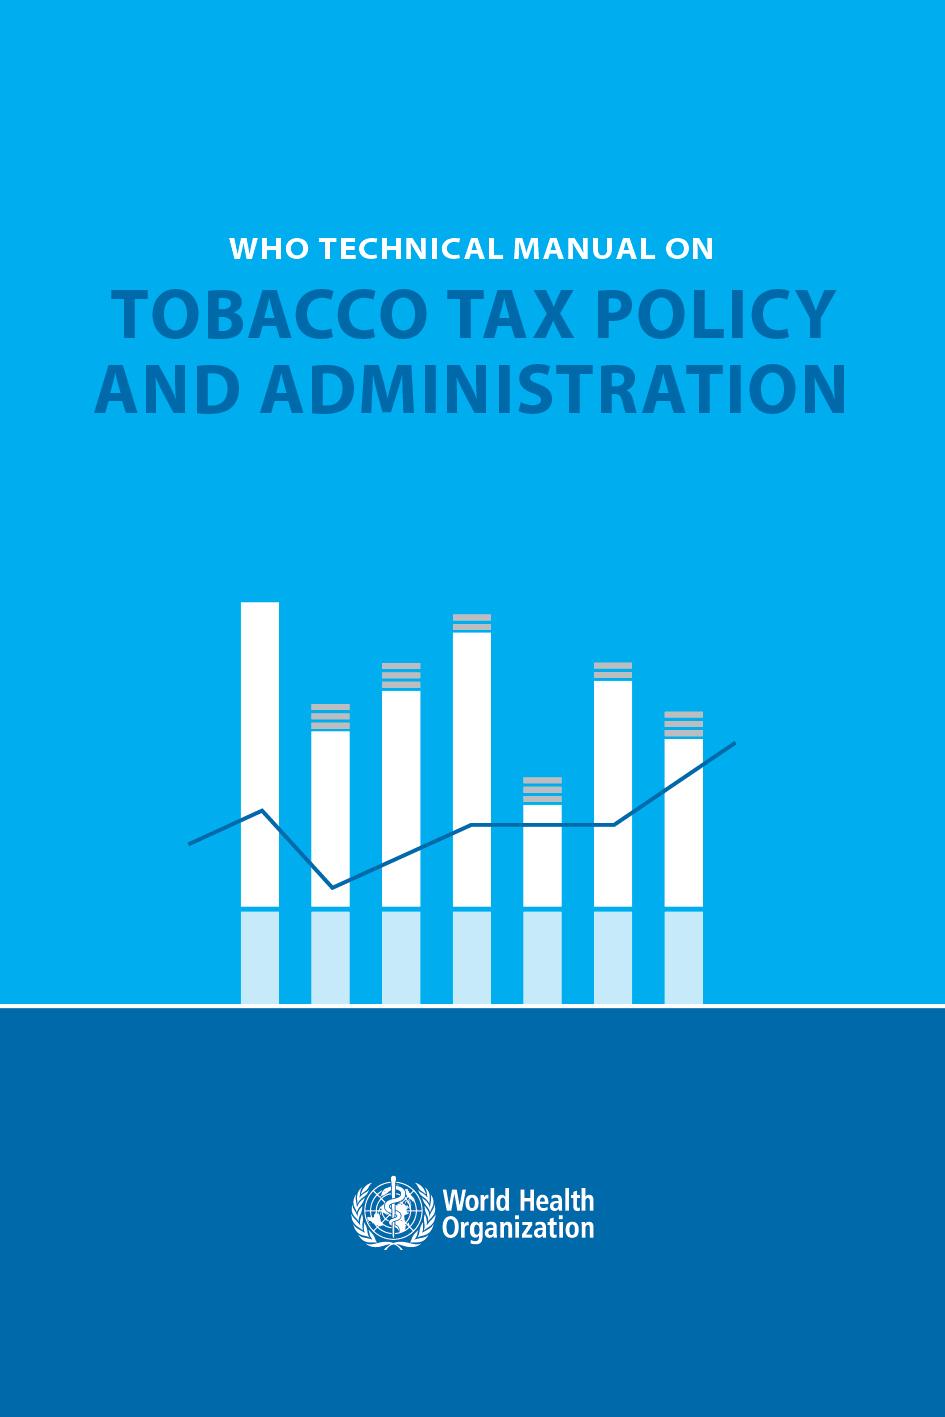 Manuale tecnico dell'OMS sulla politica e l'amministrazione della tassazione del tabacco